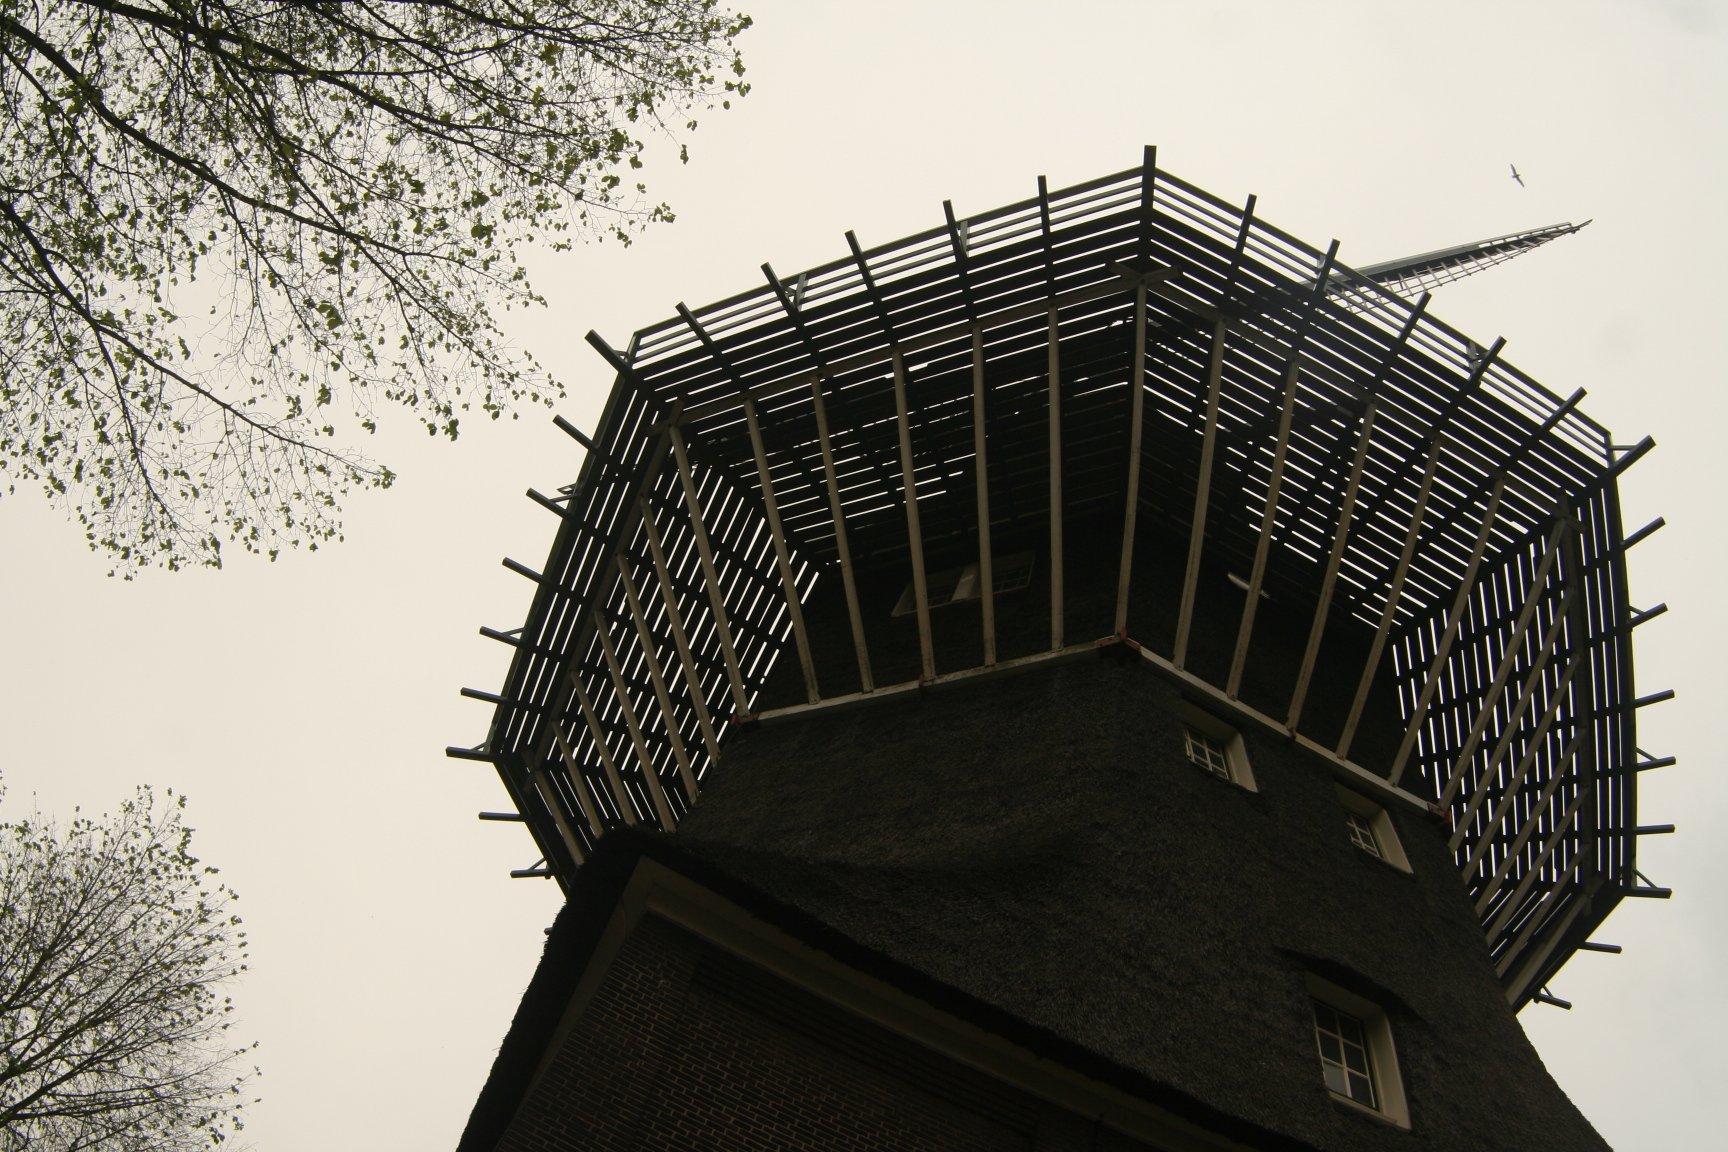 Mlyn, ďalšie holandské klišé, aj keď v Amsterdame skôr rarita